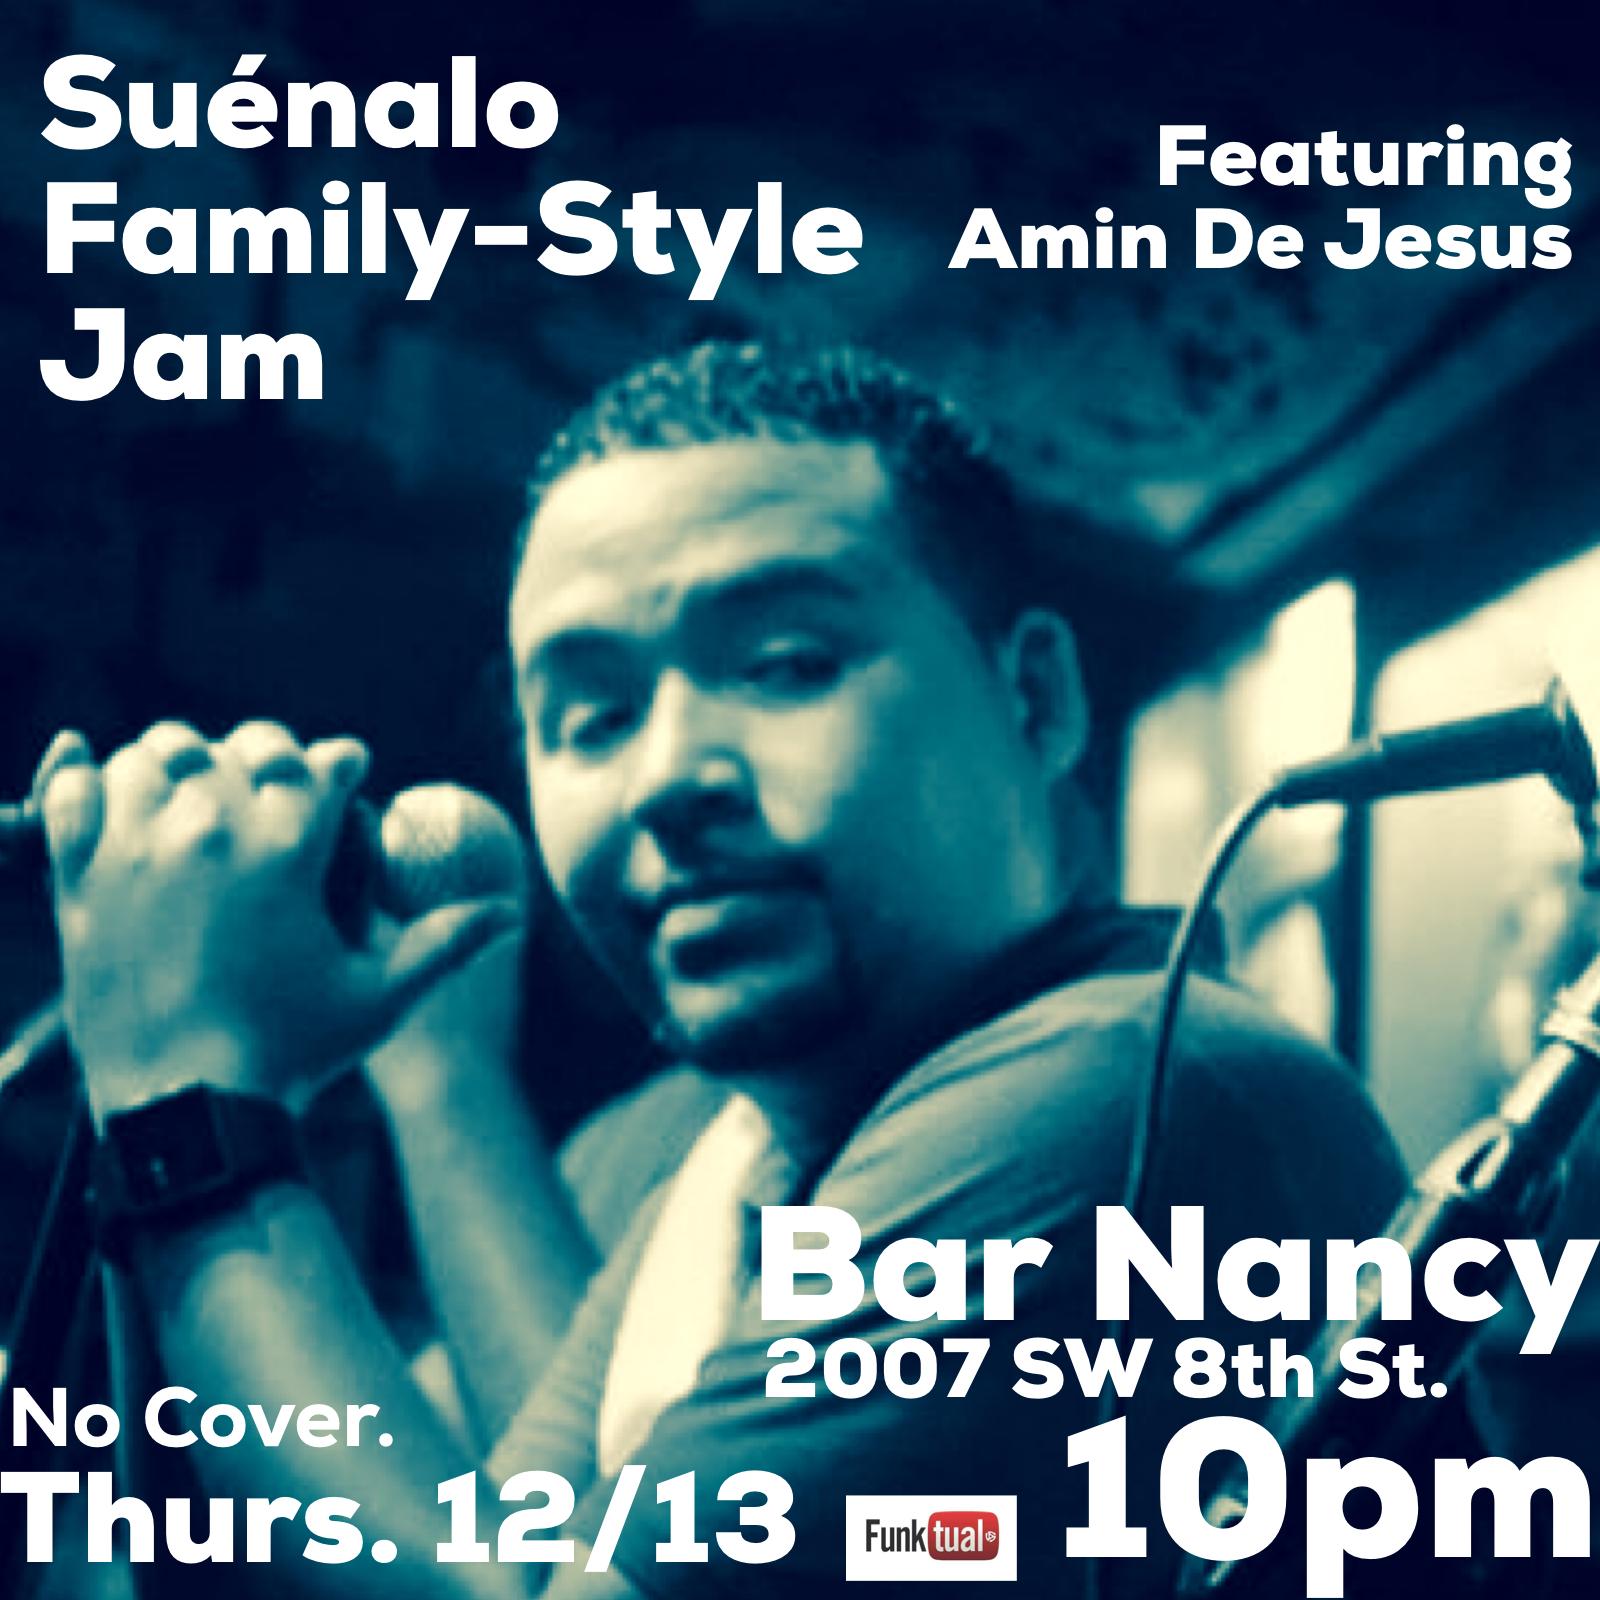 SUENALO / FAMILY-STYLE JAM - FEAT AMIN DE JESUS - THURS DEC 13 - 10 PM - NO COVER